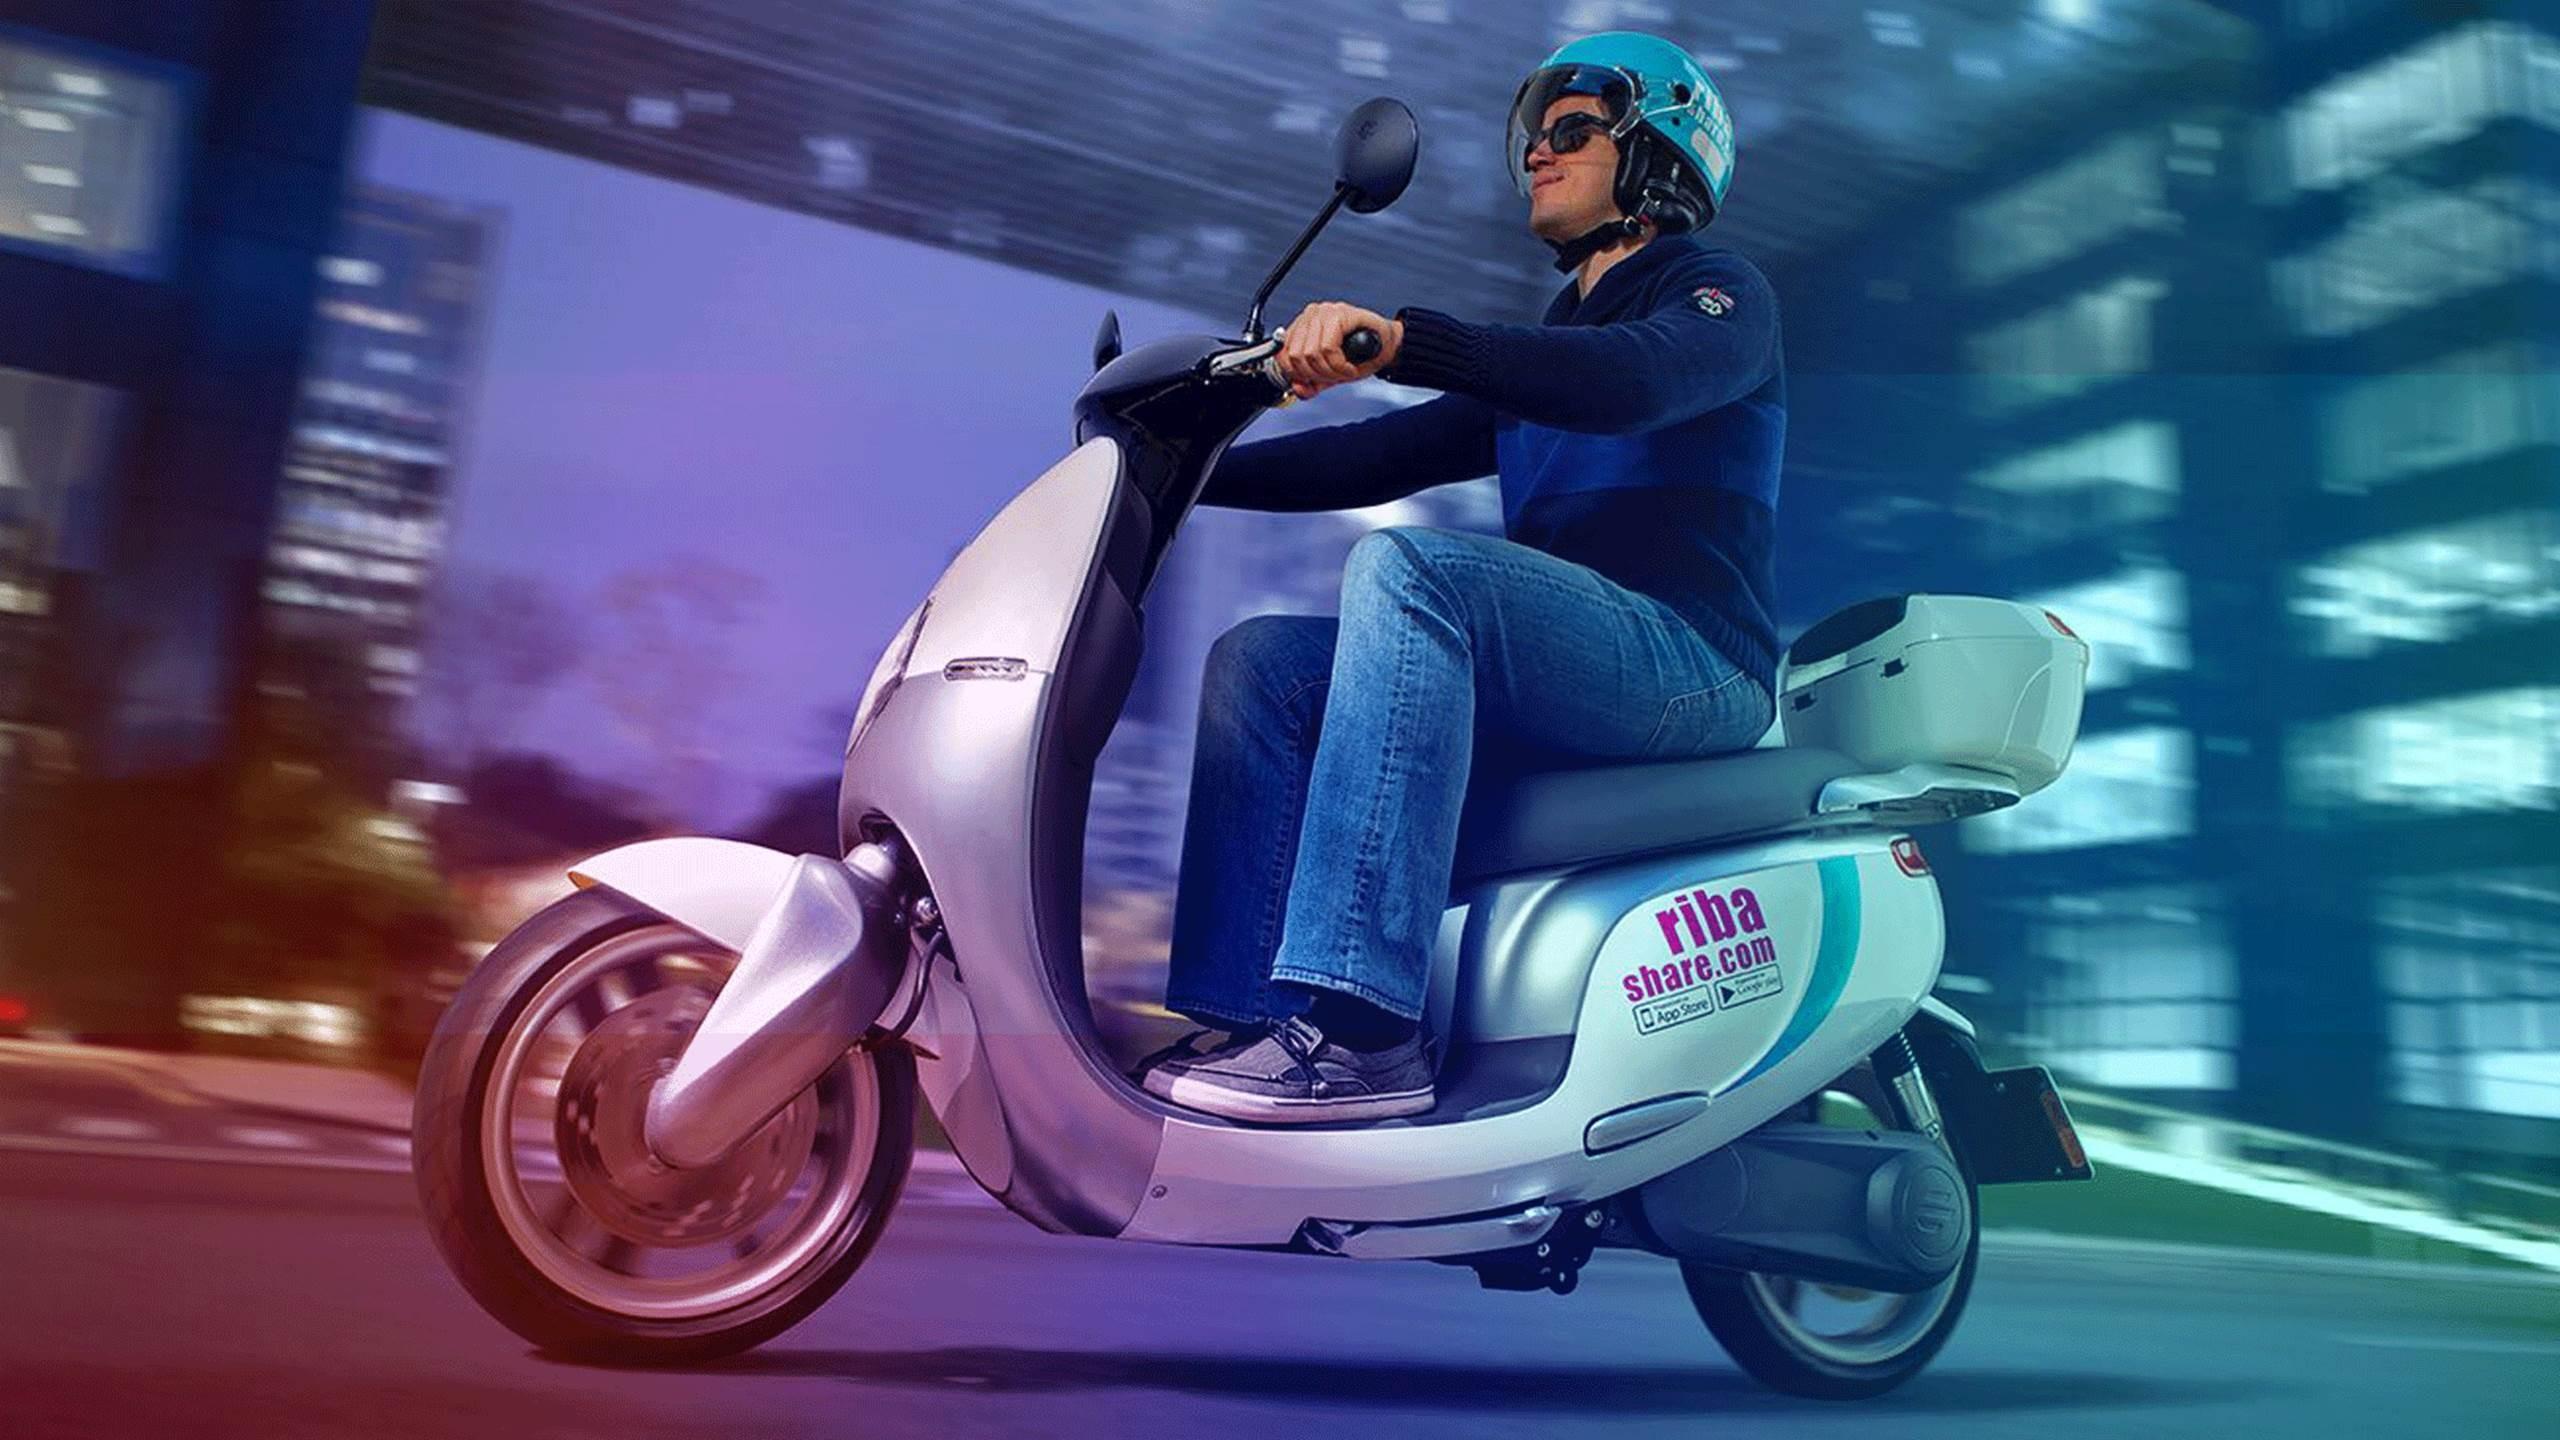 A scooter da Riba Share (Foto: Divulgação)